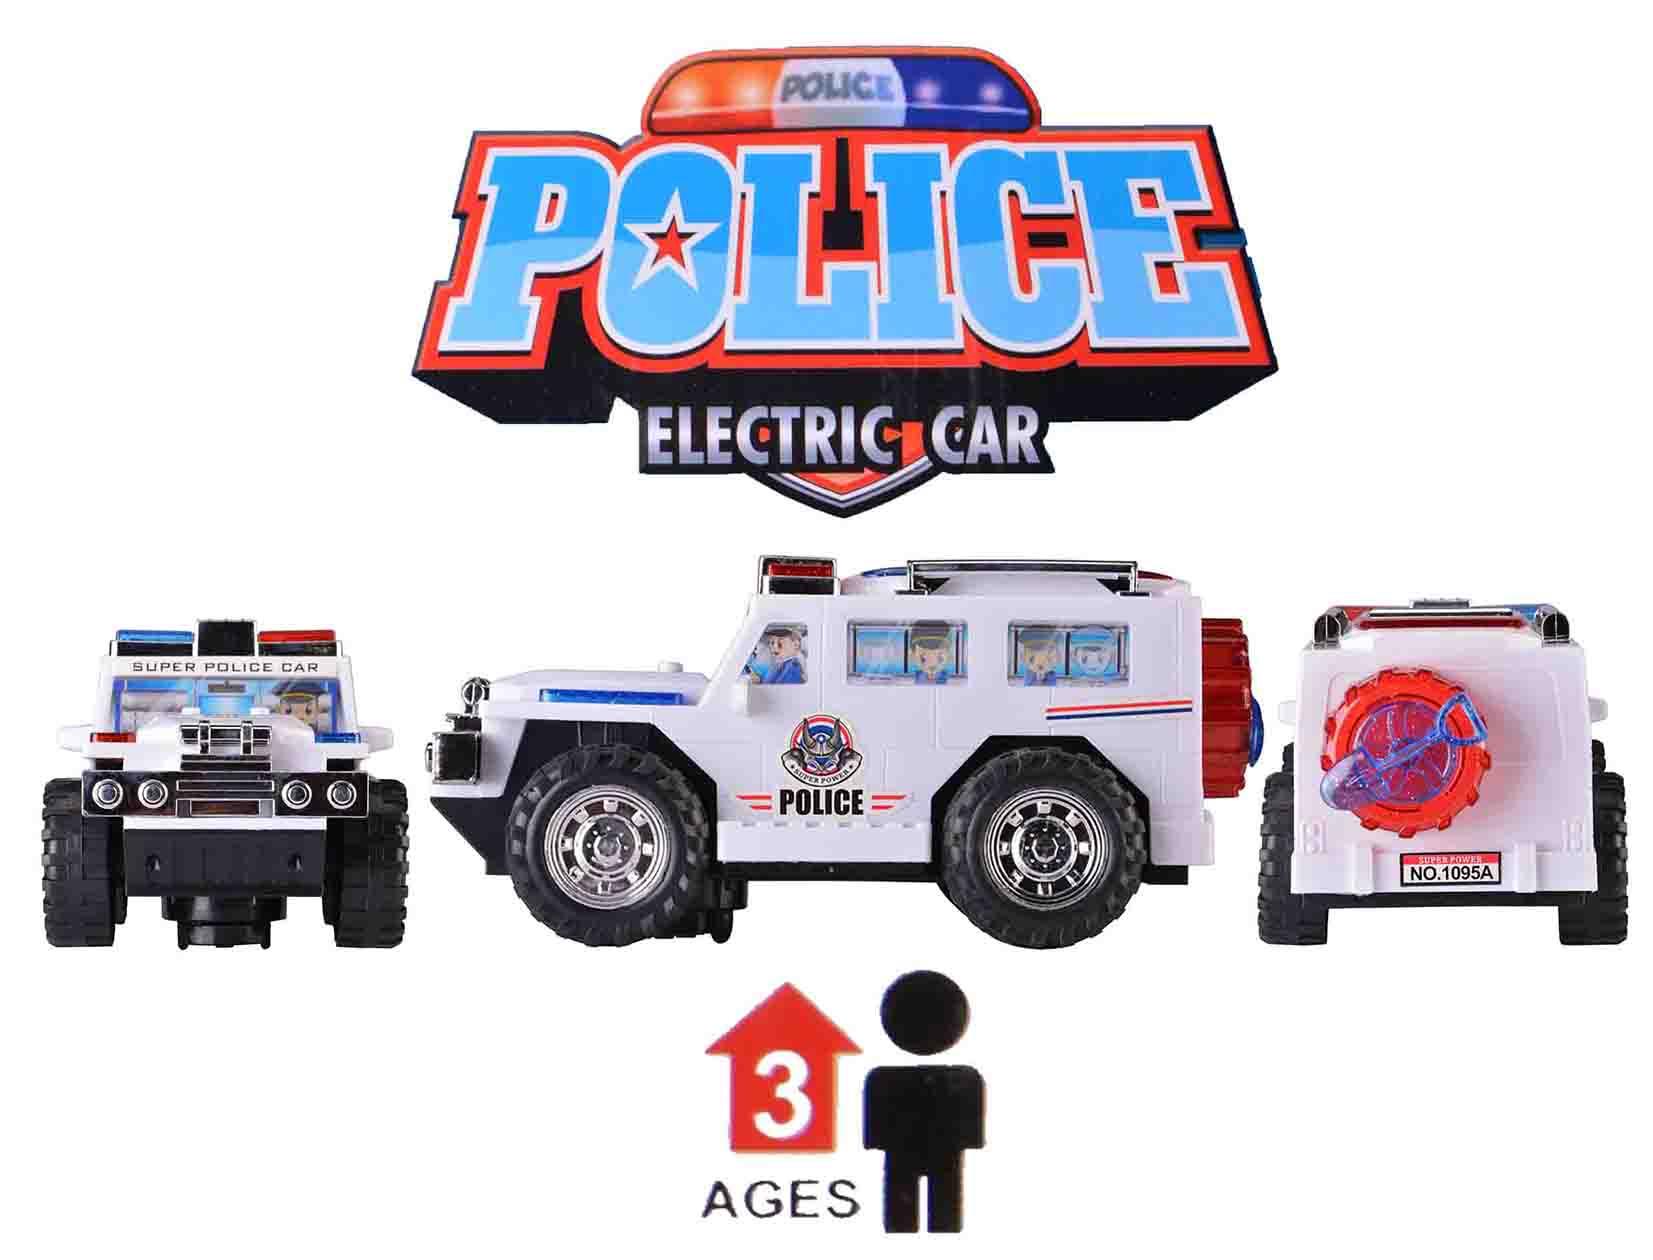 ماشین اسباب بازی پلیس موزیکال حرکتی